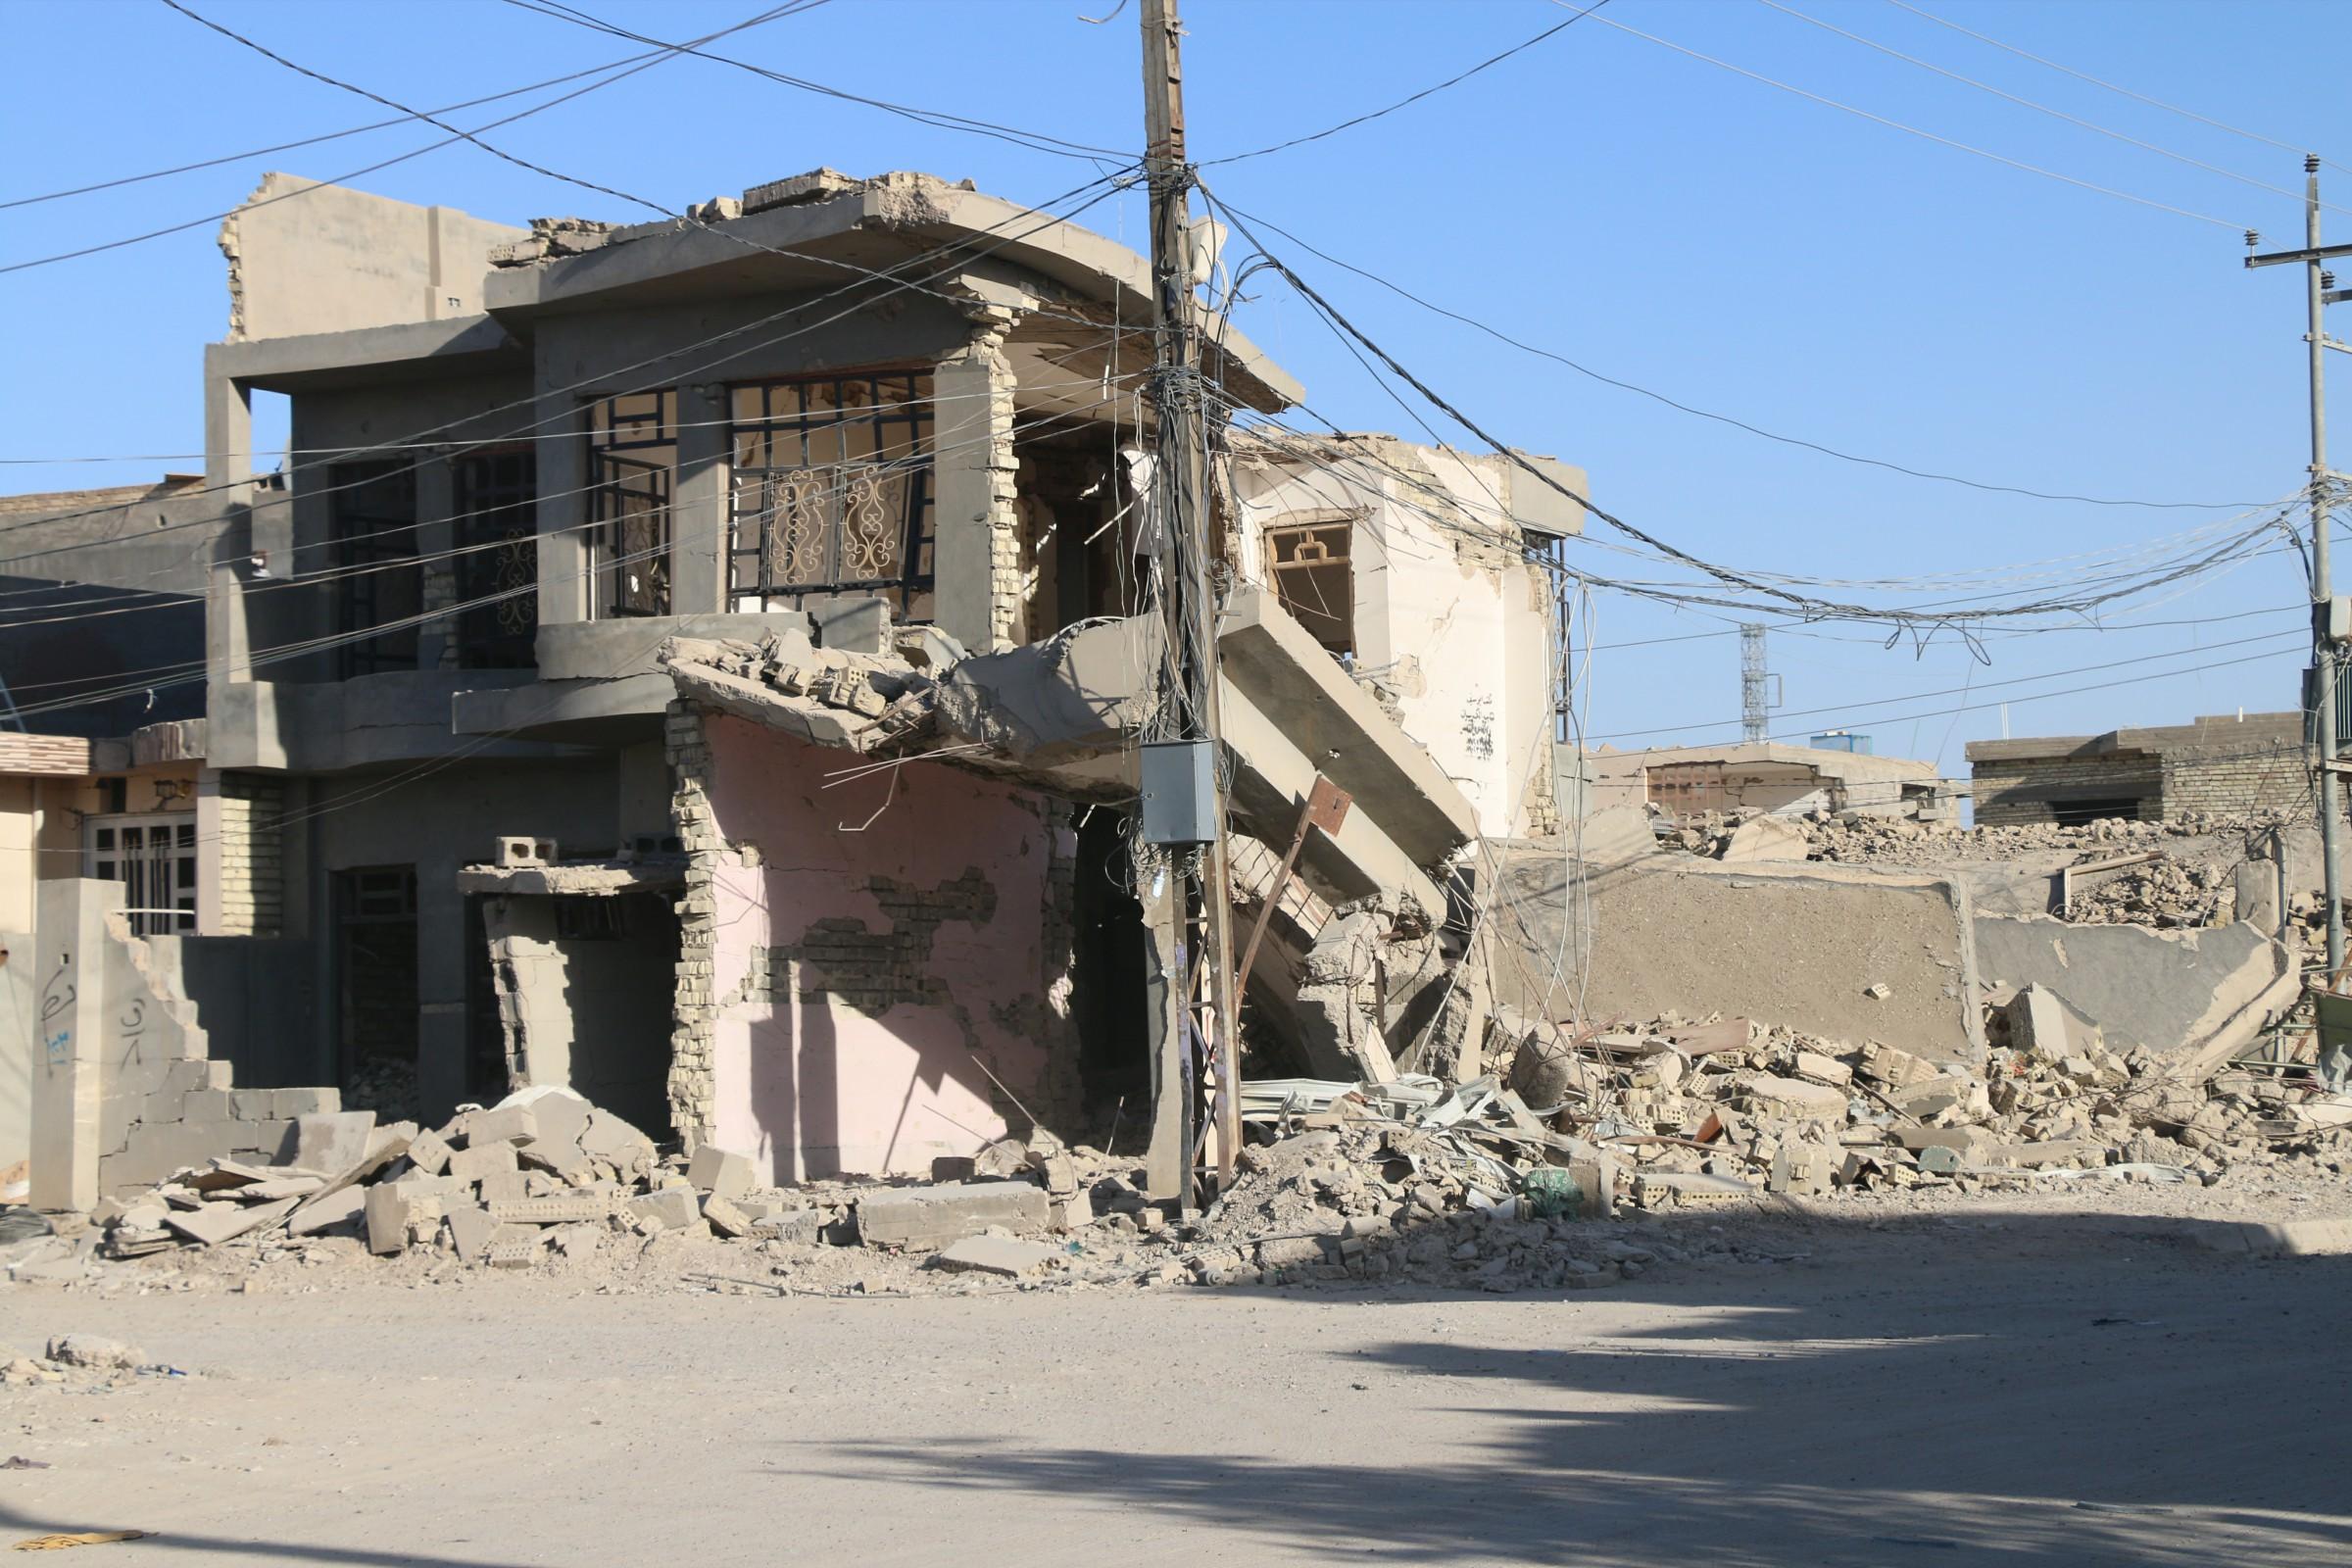 مجلس الانبار: 90 الف وحدة سكنية بالمحافظة دُمرت نتيجة الأعمال الارهابية والعسكرية